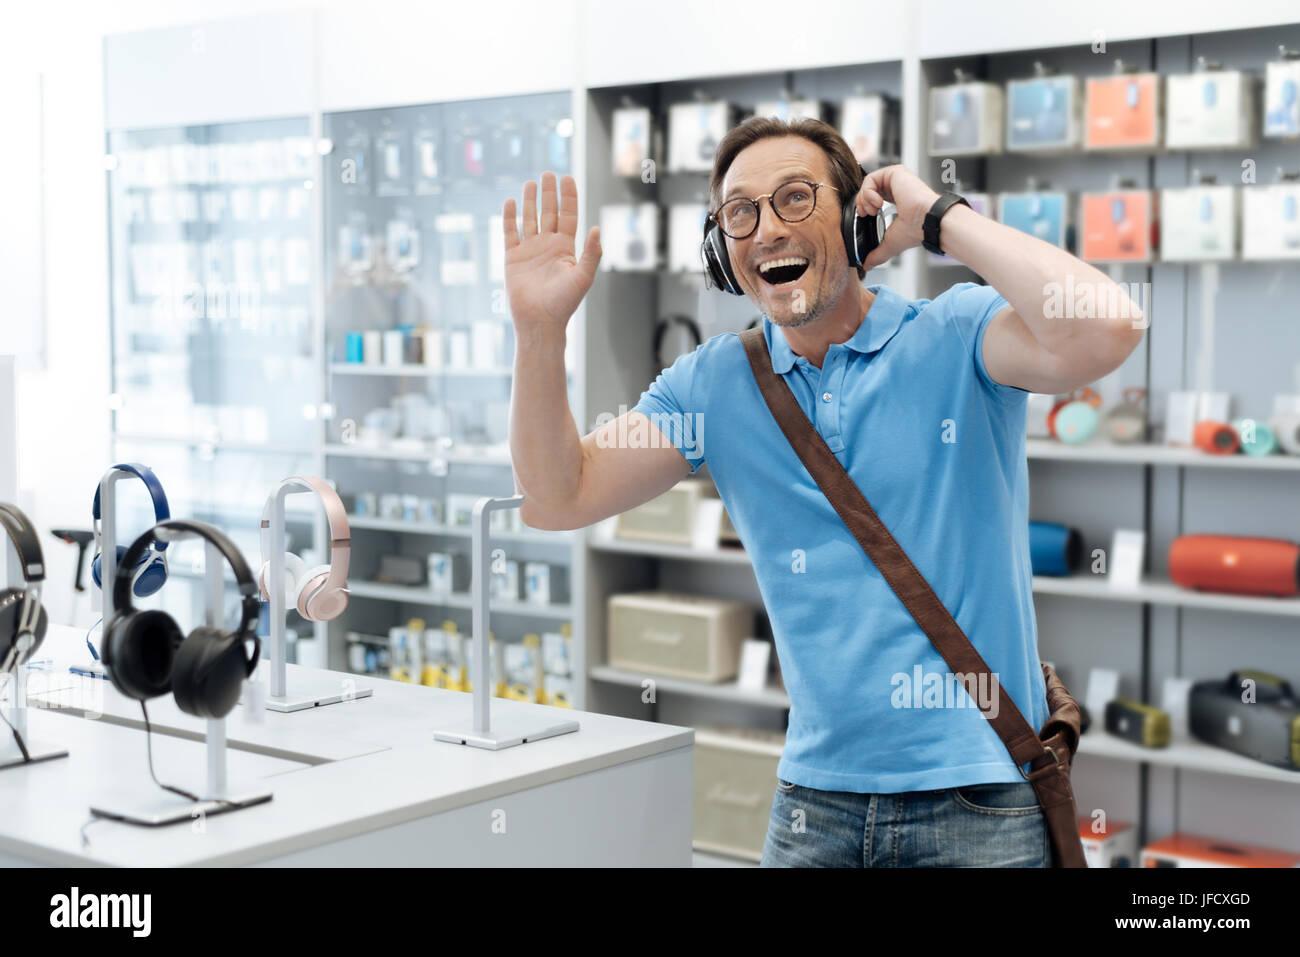 La canción de mi infancia. Cintura para arriba foto de un hombre entusiasmado probando el último modelo Imagen De Stock